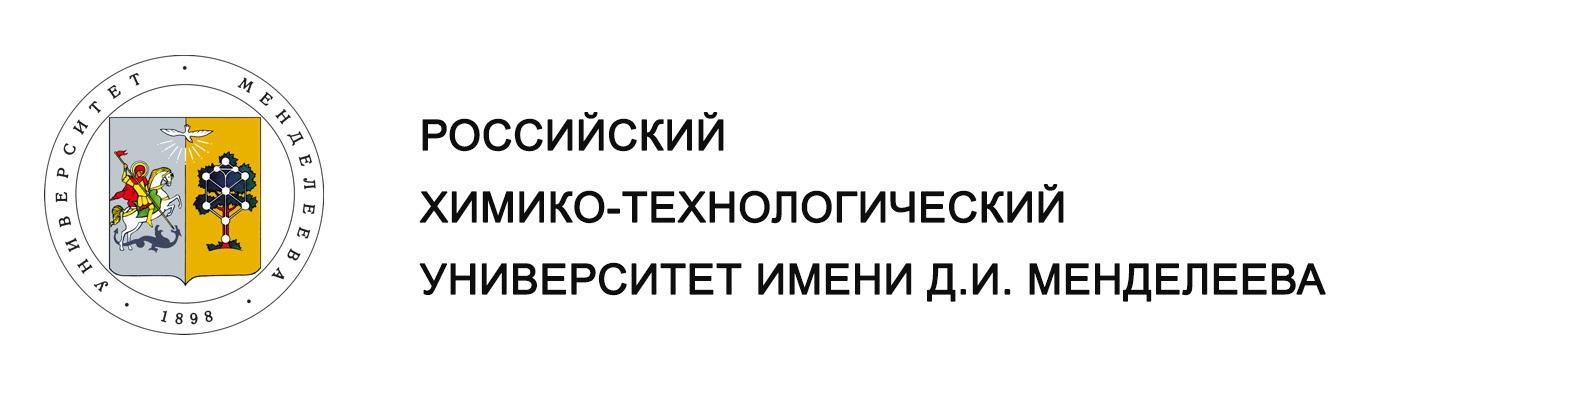 Российский химико-технологический университет им. Д.И. Менделеева — филиал в г. Новомосковск